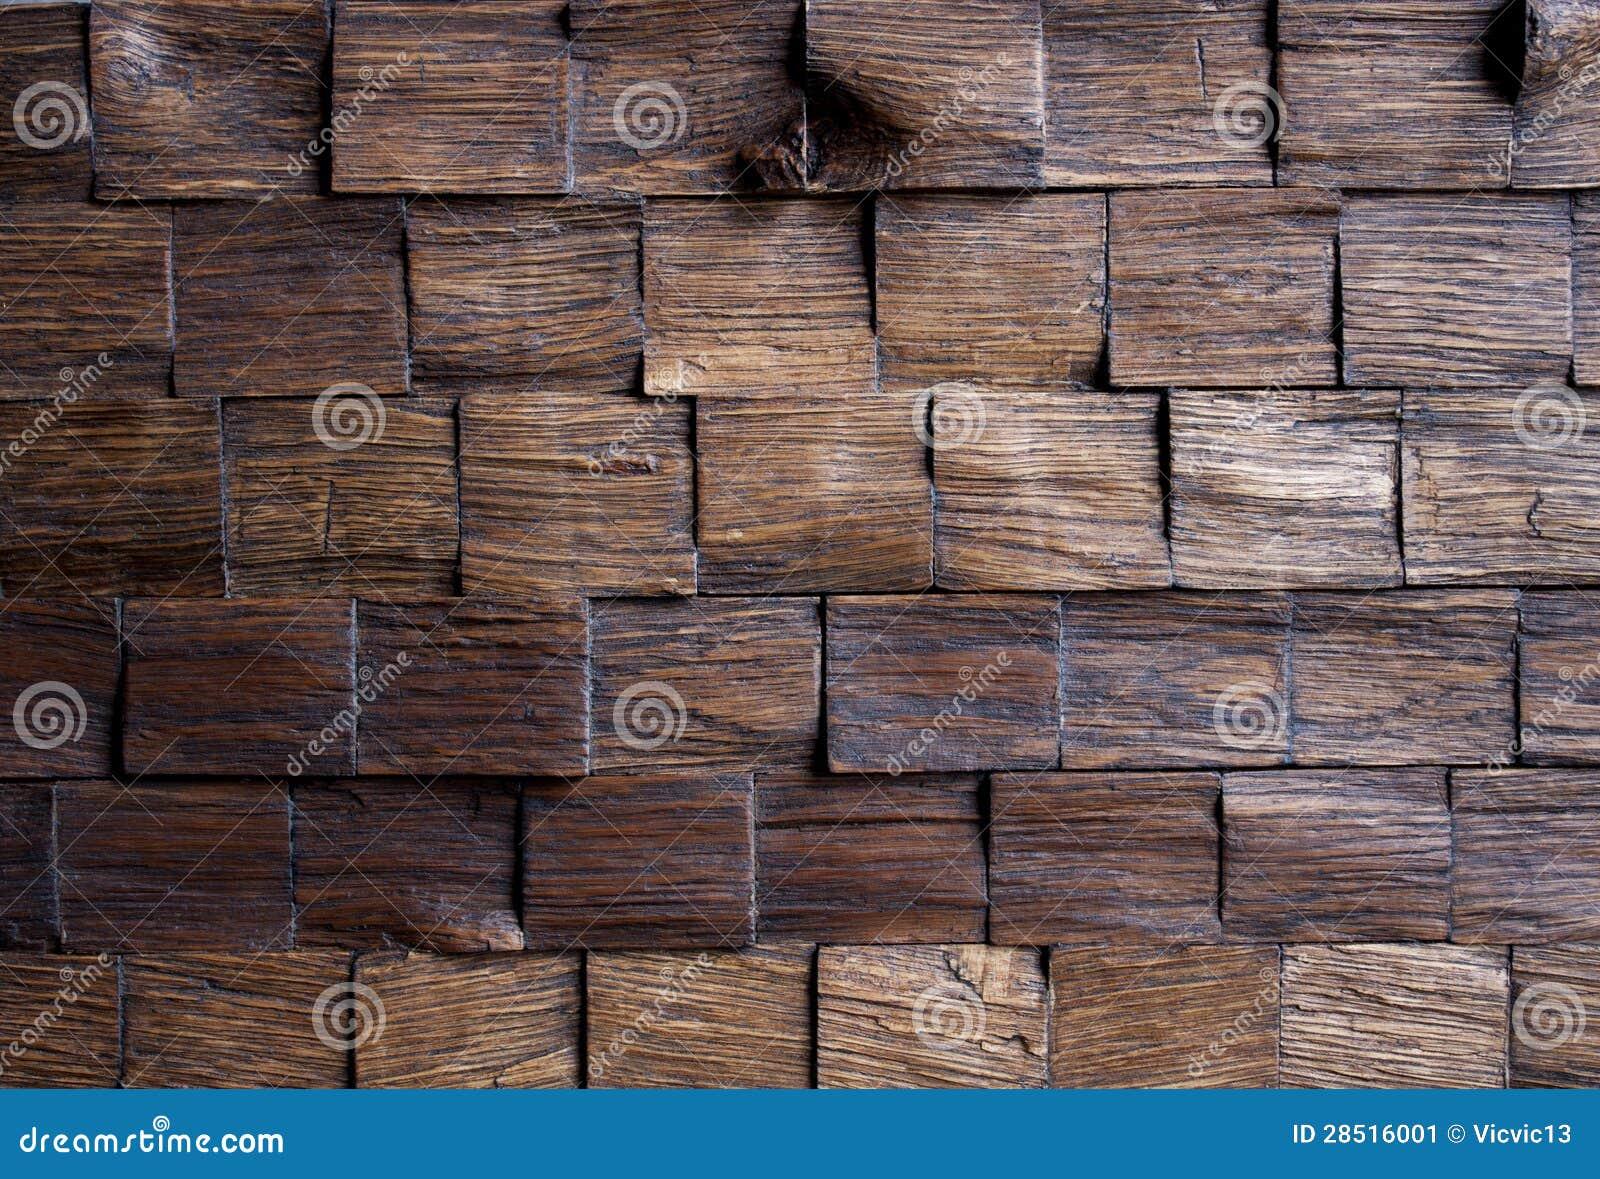 Mosaïque de Background.wooden